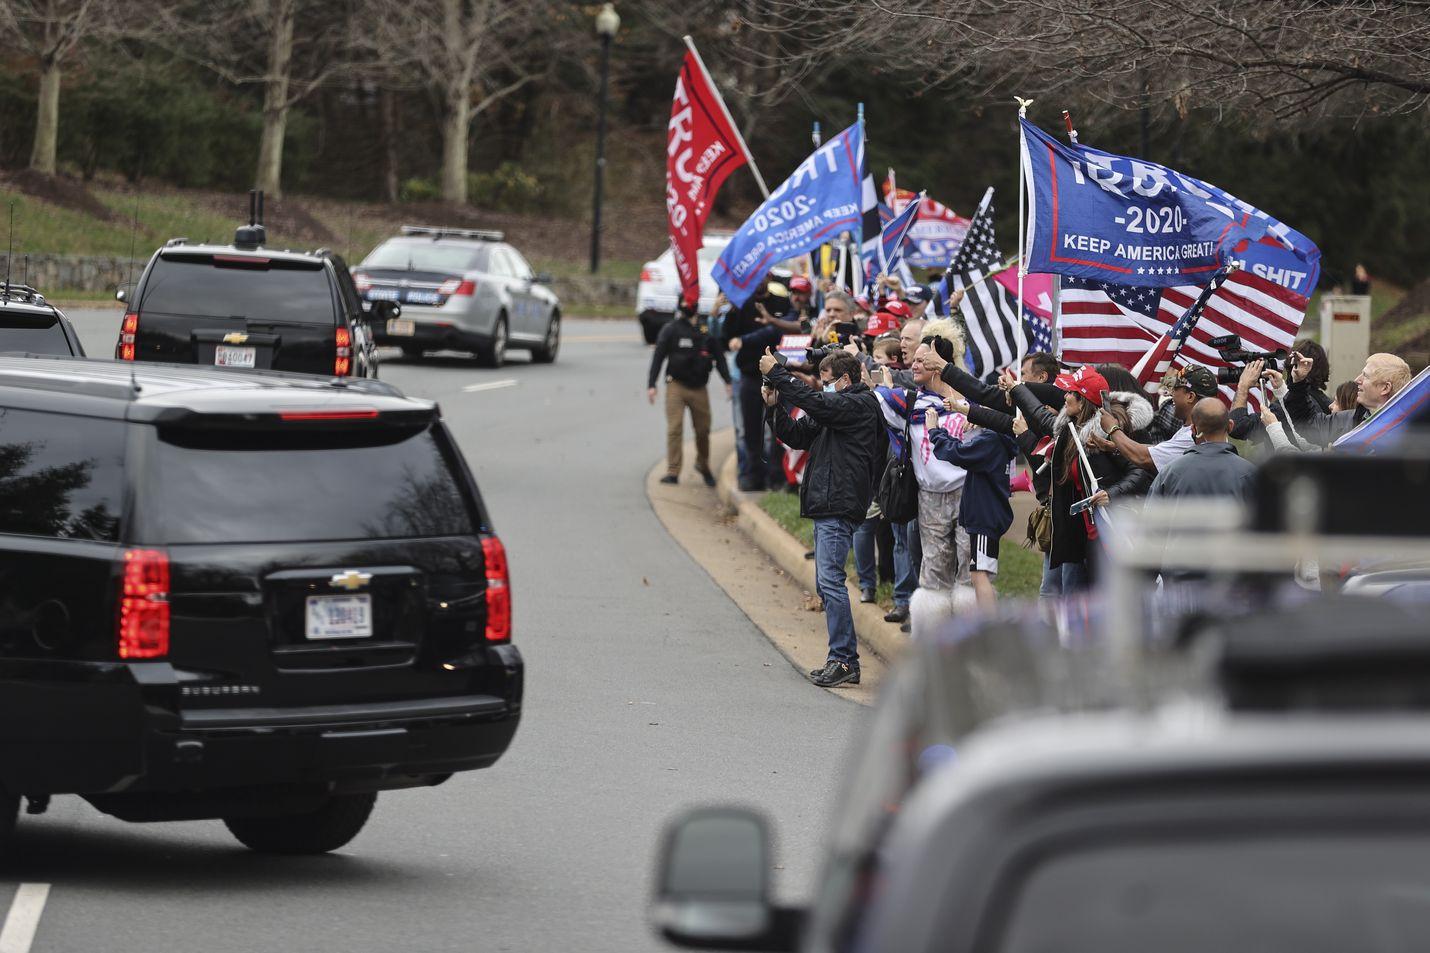 Presidentti Donald Trumpin kannattajat osoittivat suosiotaan tämän autosaattueelle presidentin mennessä pelaamaan golfia Virginian Sterlingissä sunnuntaina. Trump on kannattajineen raivostunut Fox Newsille, mitä on pitkään pidetty kritiikittömänä presidentin kanavana.